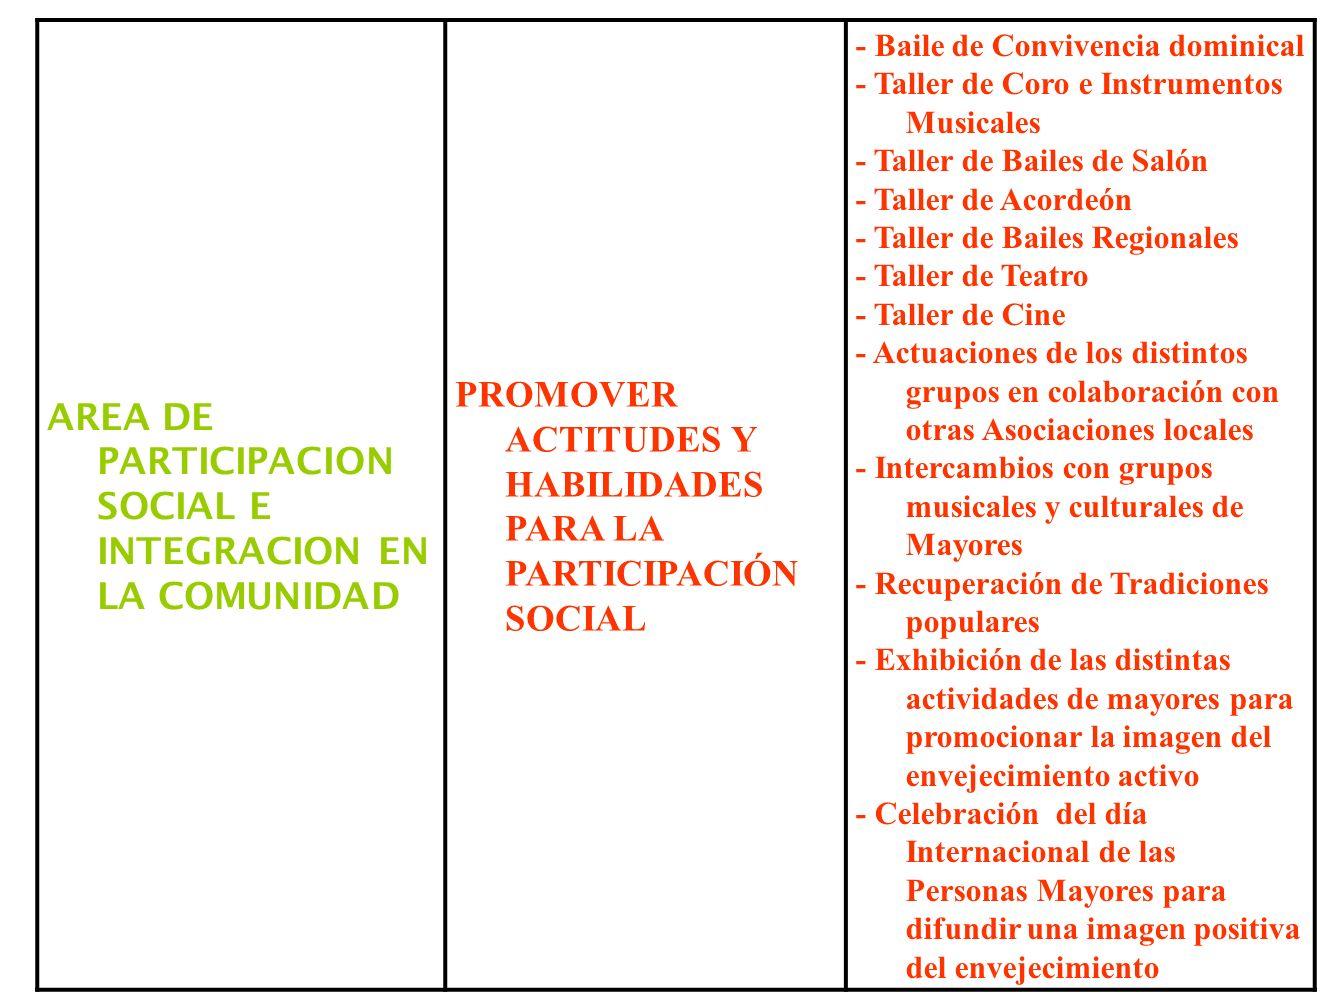 AREA DE EDUCACION, FORMACION Y ACCESO A LAS NUEVAS TECNOLOGÍAS PROGRAMAS CULTURALES Y FORMATIVOS PROGRAMAS DE ACCESO A NUEVAS TECNOLOGÍAS - Club de Lectura - Asistencia a Charlas y Conferencias programadas por Fundación La Caixa y otras Instituciones.